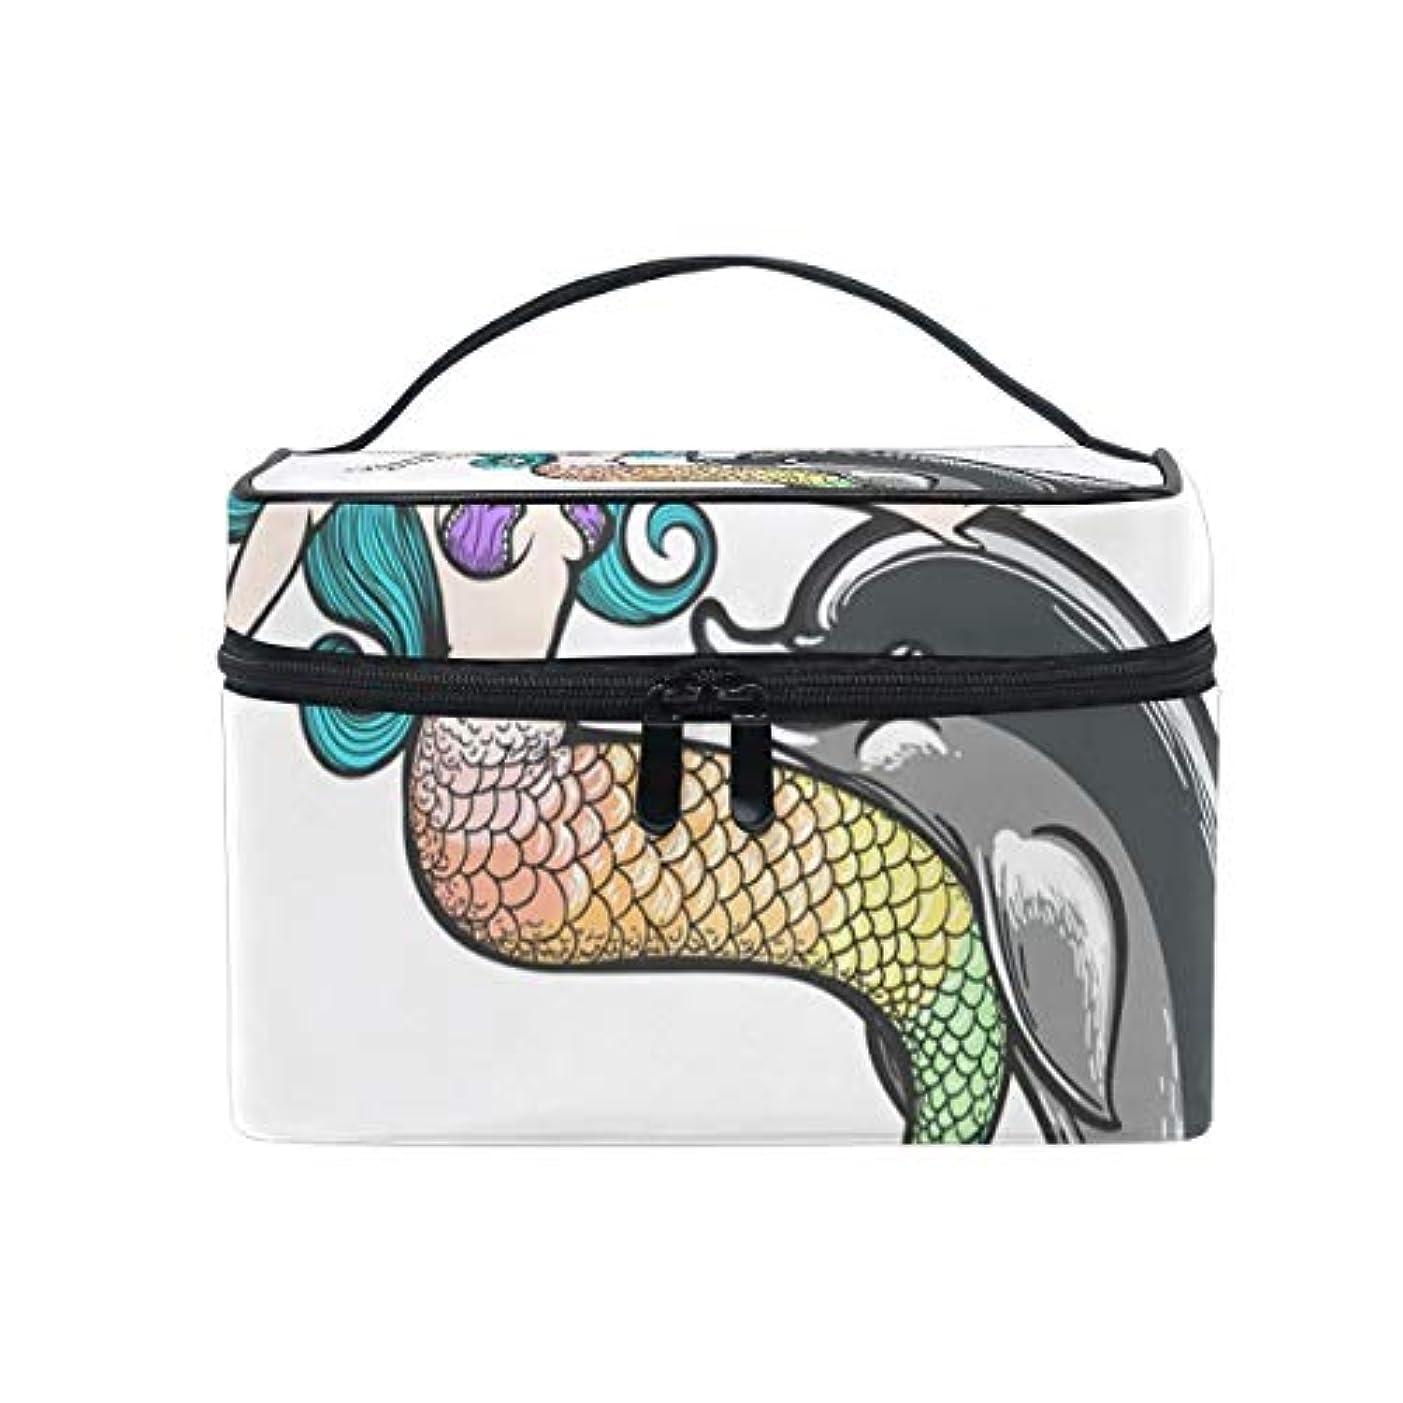 女の子王子パントリーメイクボックス イルカ 人魚柄 化粧ポーチ 化粧品 化粧道具 小物入れ メイクブラシバッグ 大容量 旅行用 収納ケース